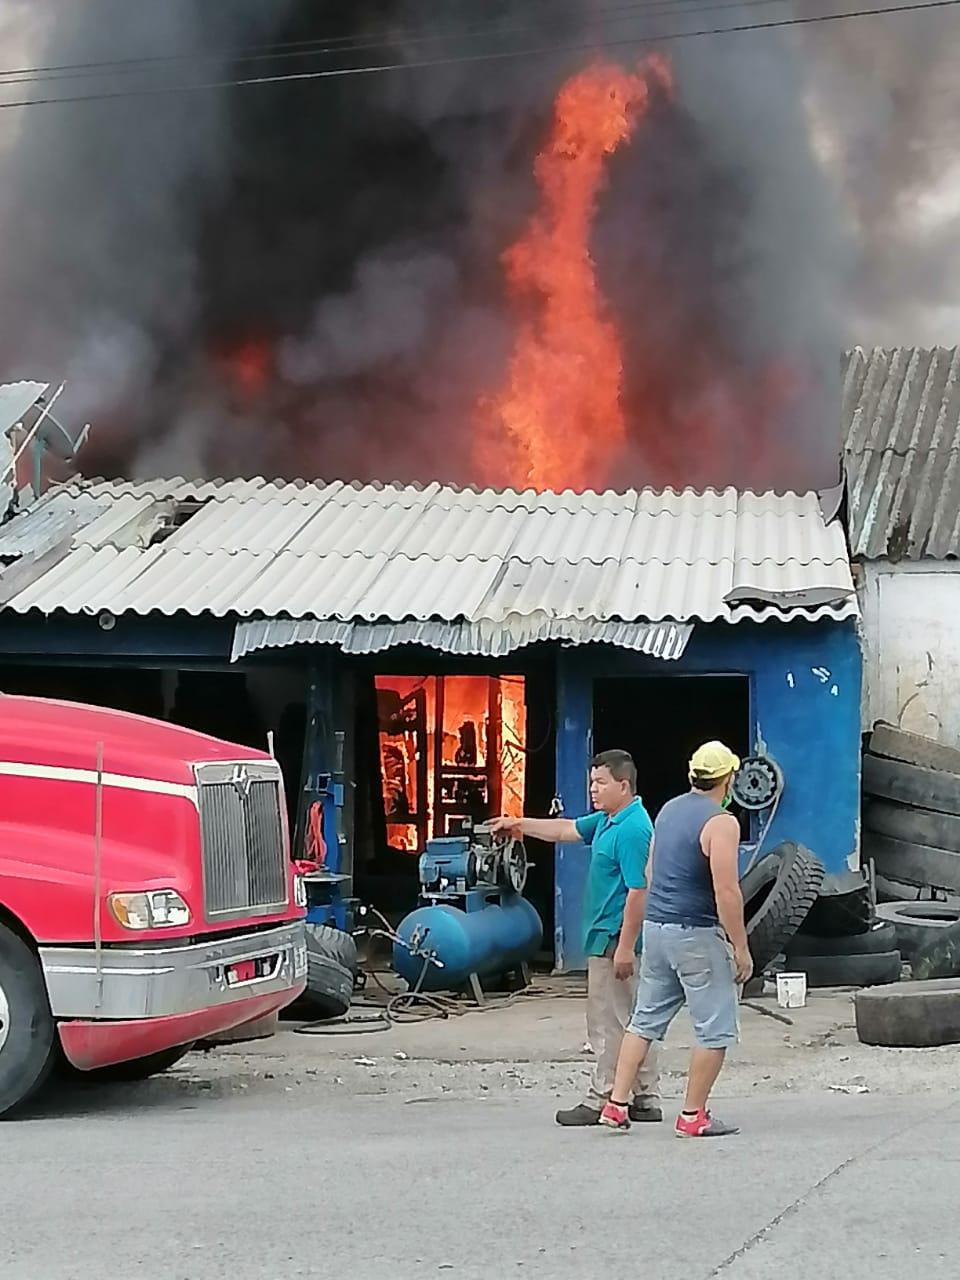 Incendio consume locales cerca de Arenales en Armenia 5